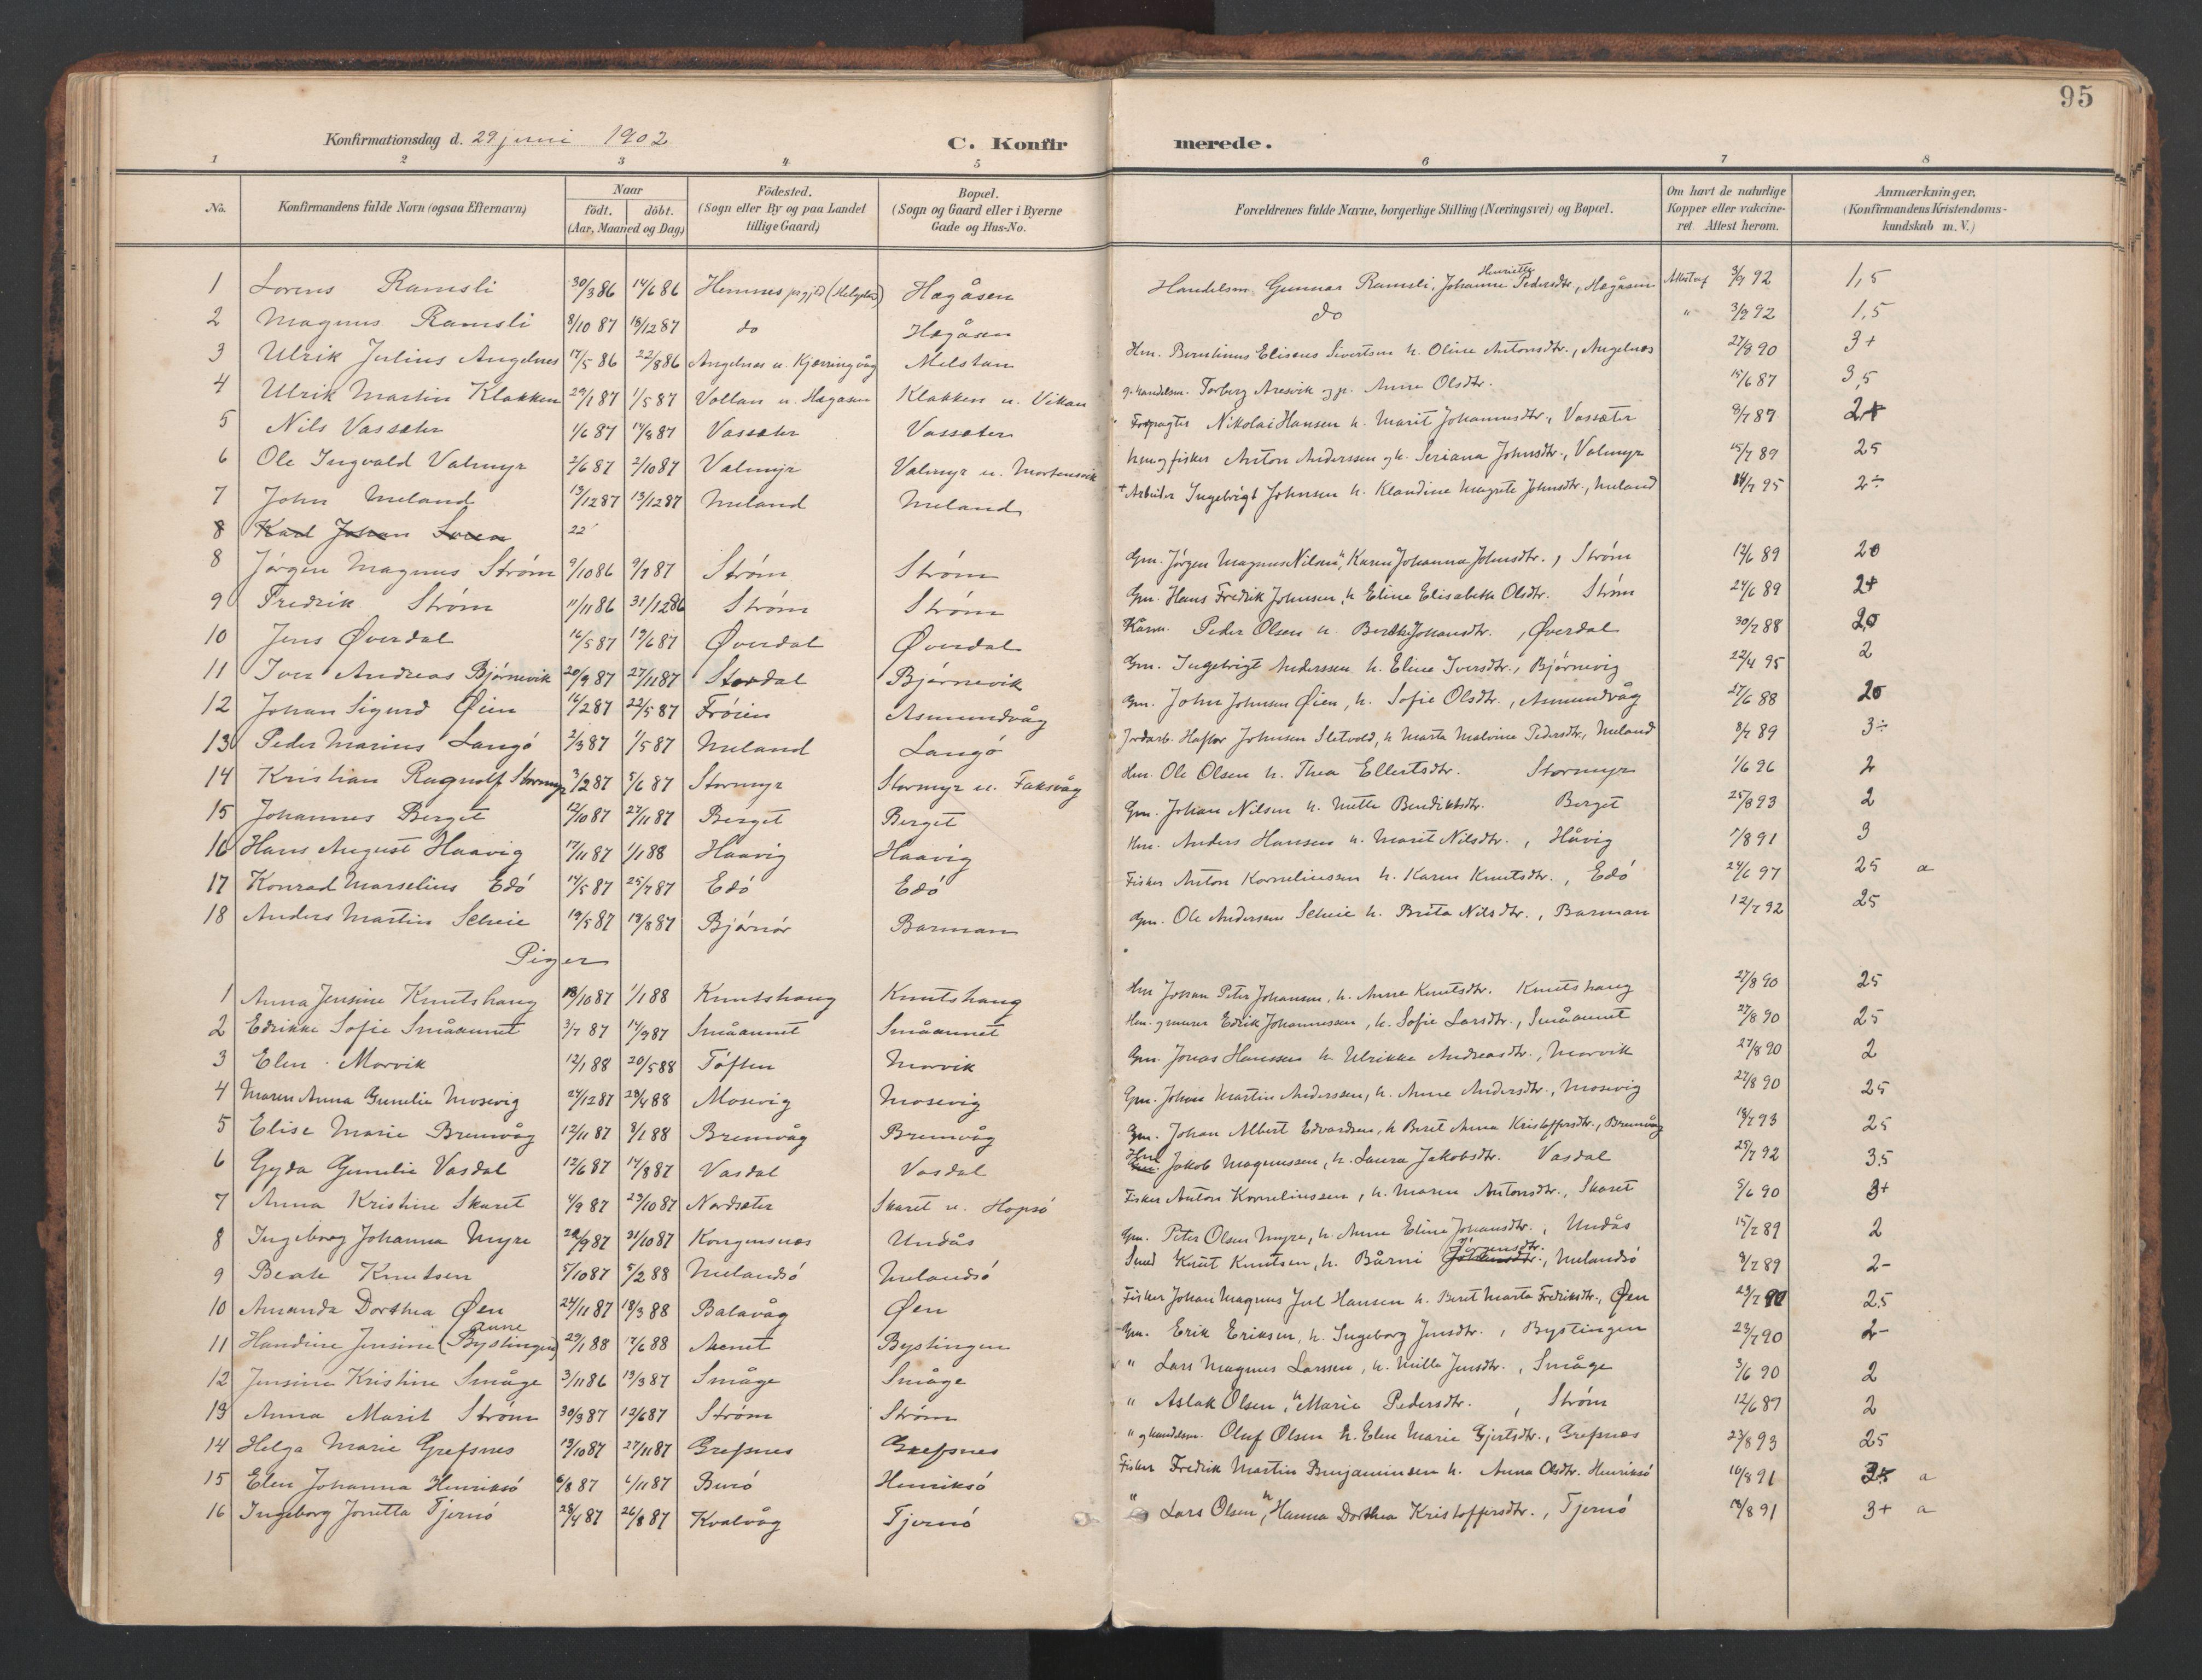 SAT, Ministerialprotokoller, klokkerbøker og fødselsregistre - Sør-Trøndelag, 634/L0537: Ministerialbok nr. 634A13, 1896-1922, s. 95